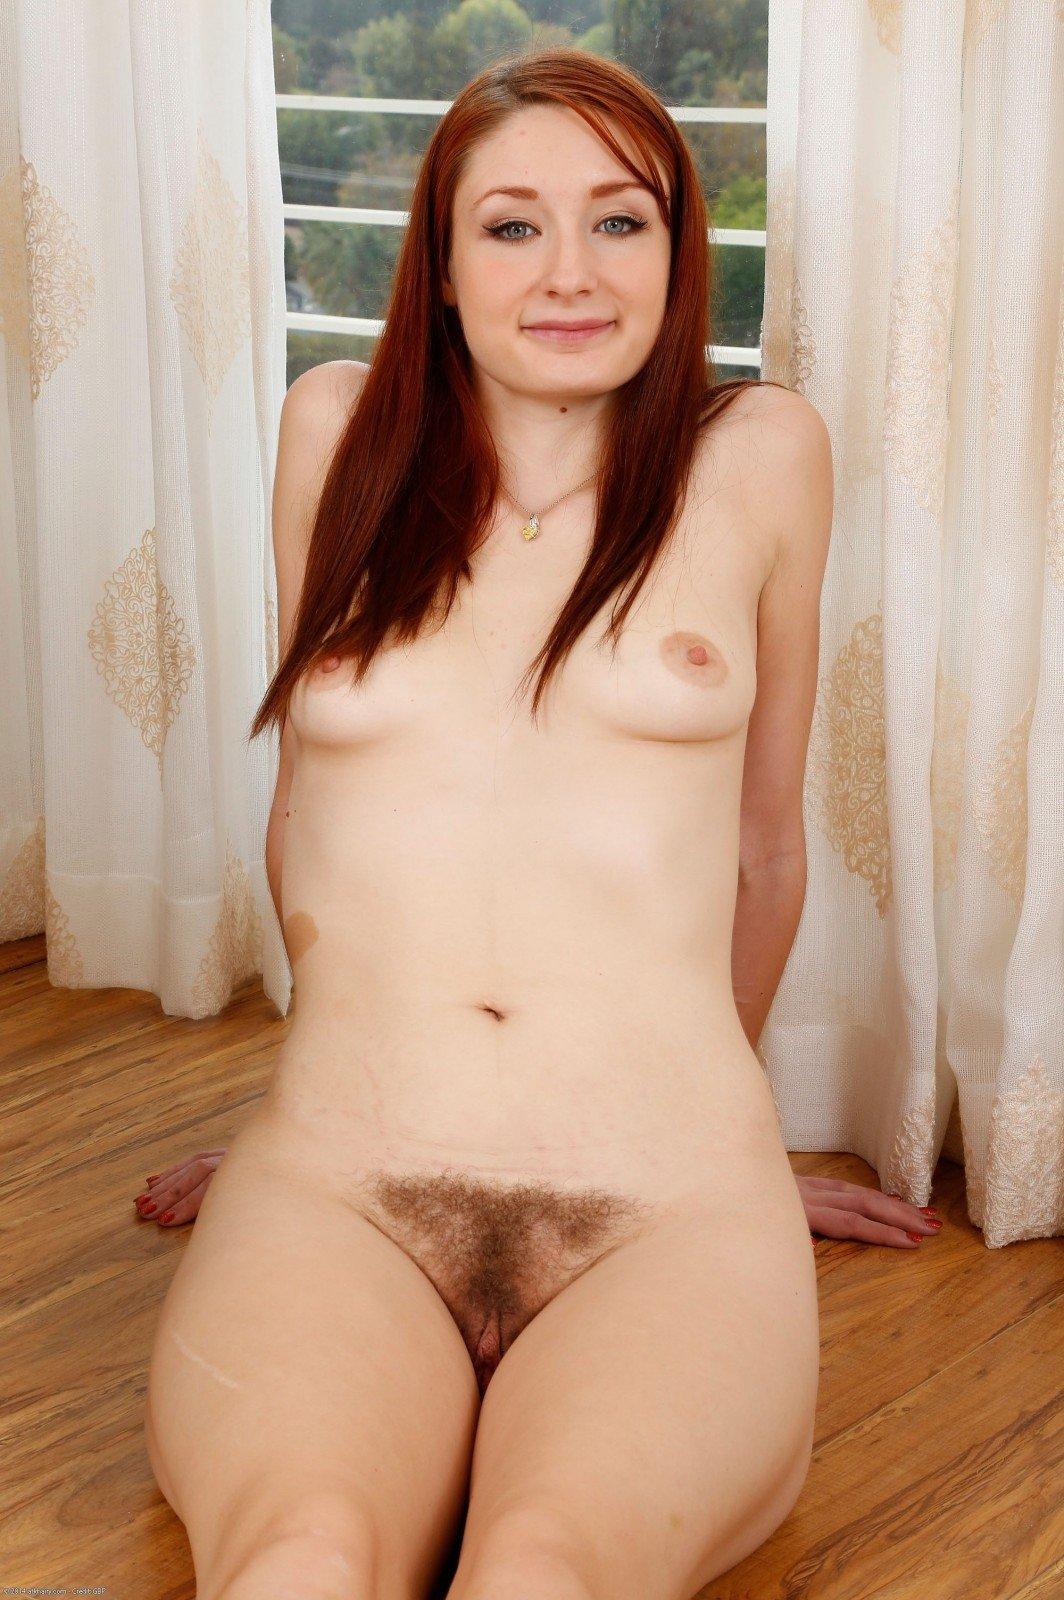 Большие половые губы - Фото галерея 1057937